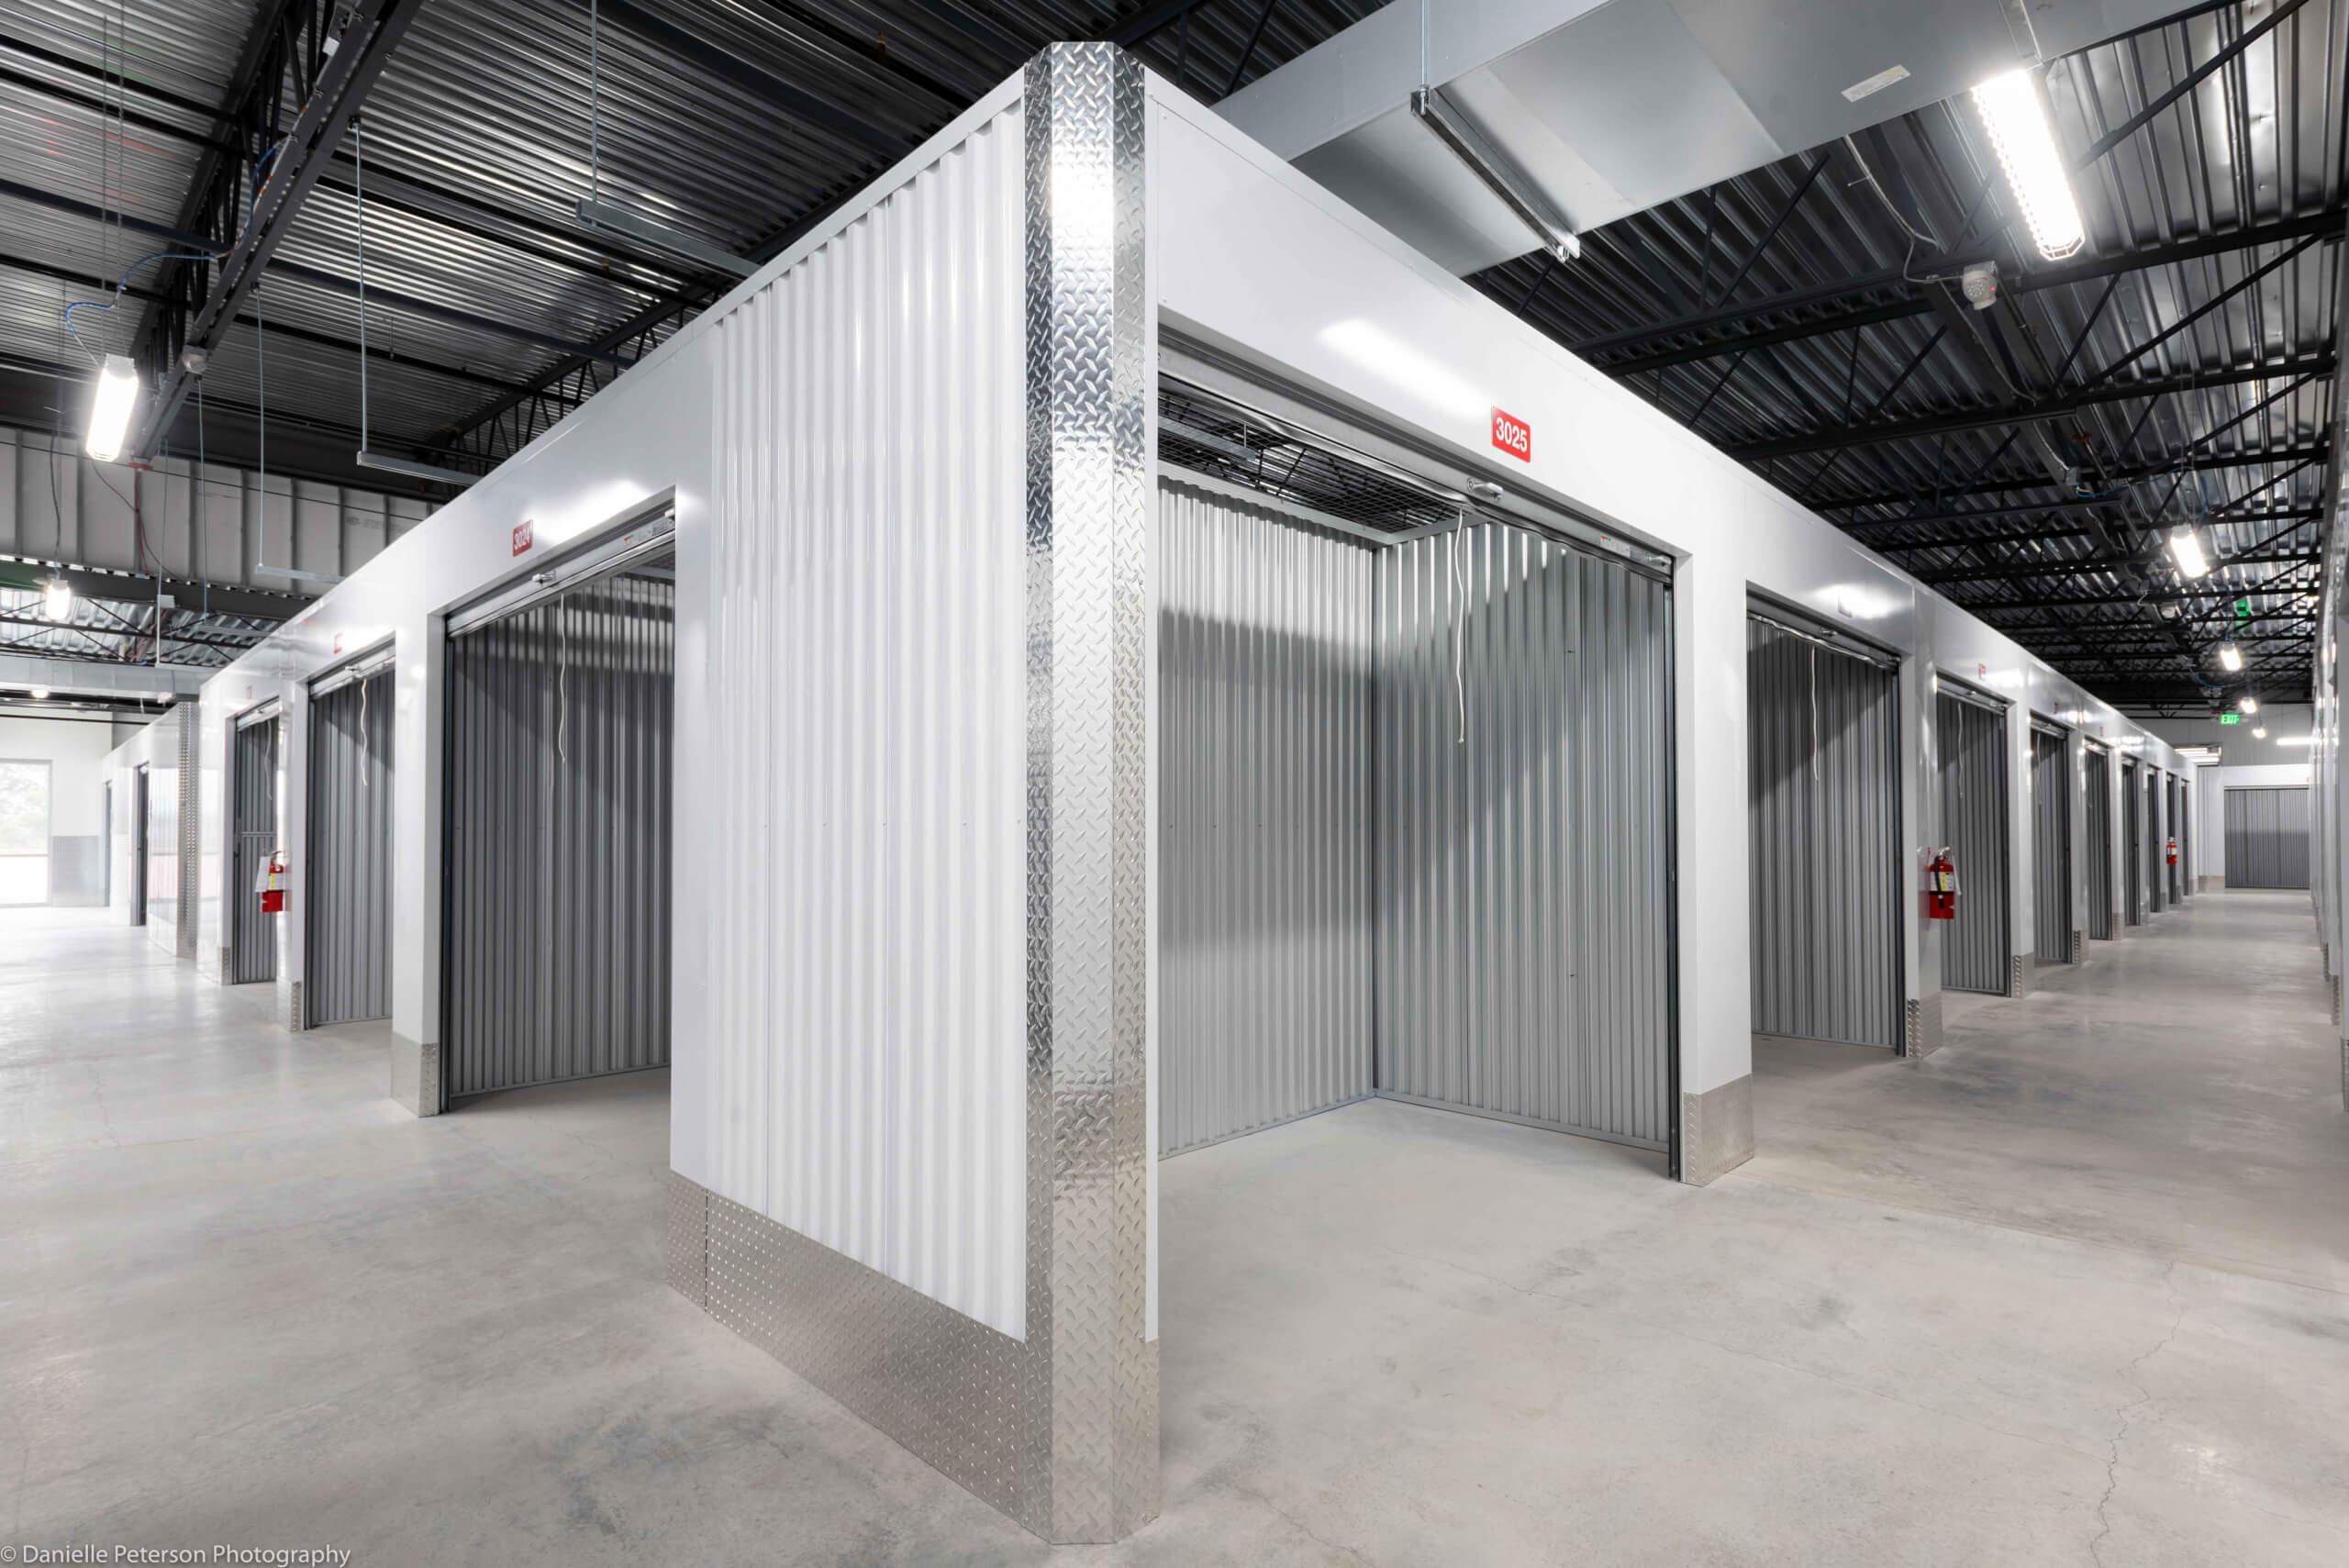 CubeSmart Interior 4